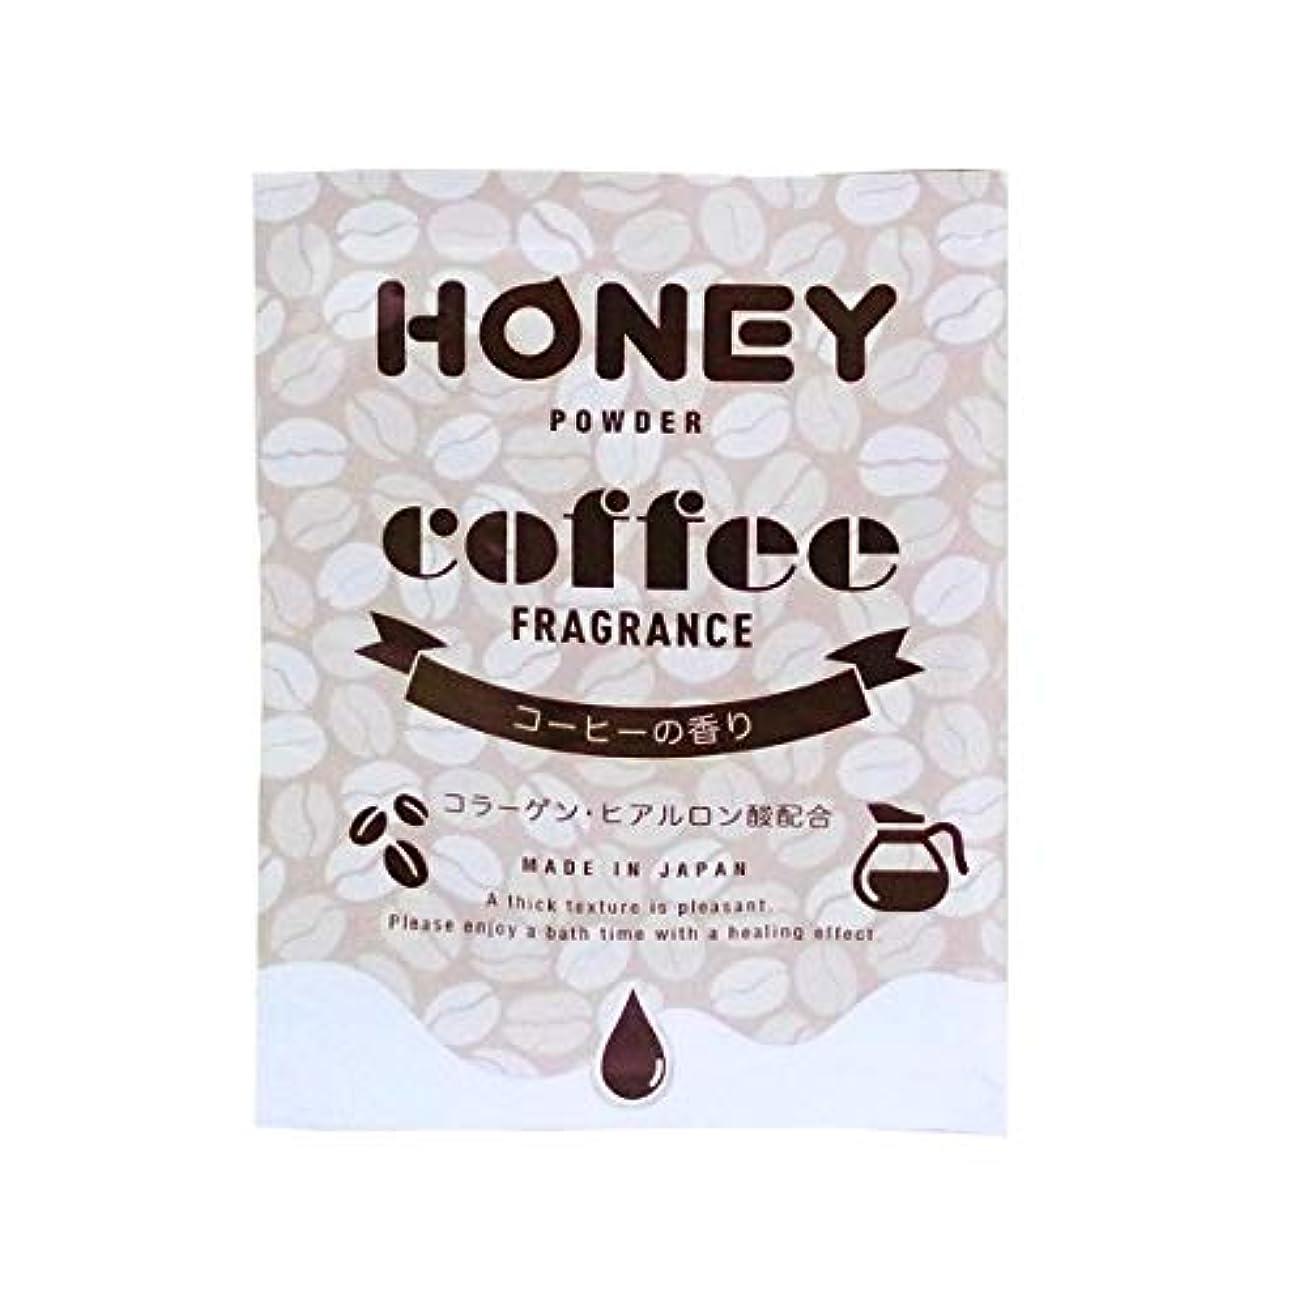 バレーボール膨らみ大佐とろとろ入浴剤【honey powder】(ハニーパウダー) 2個セット コーヒーの香り 粉末タイプ ローション